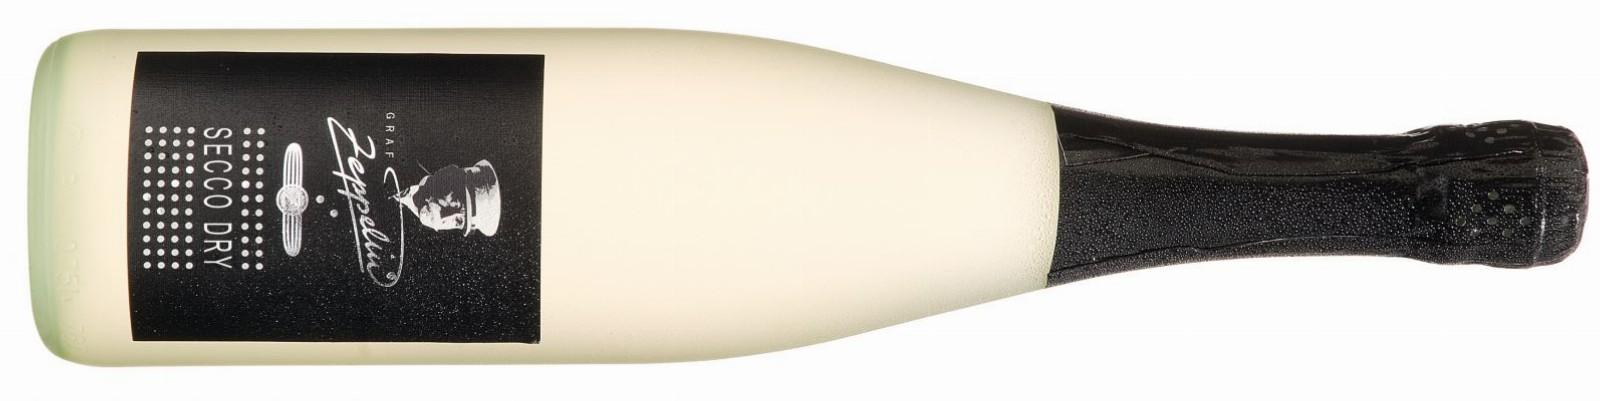 Graf Zeppelin Secco Dry Baden QbA